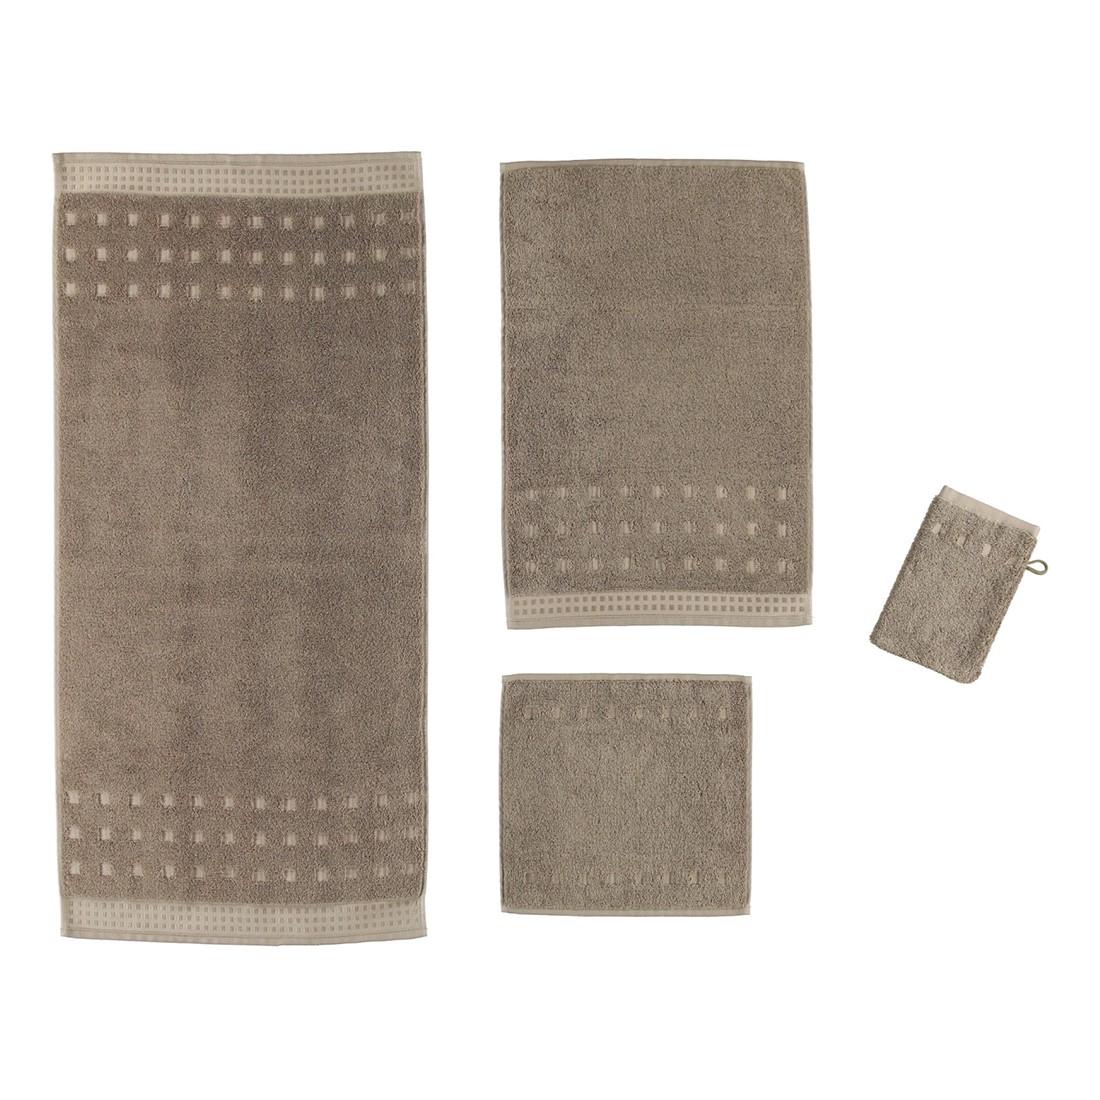 Handtuch Country Style – 100% Baumwolle timber – 646 – Gästetuch: 40 x 60 cm, Vossen jetzt kaufen